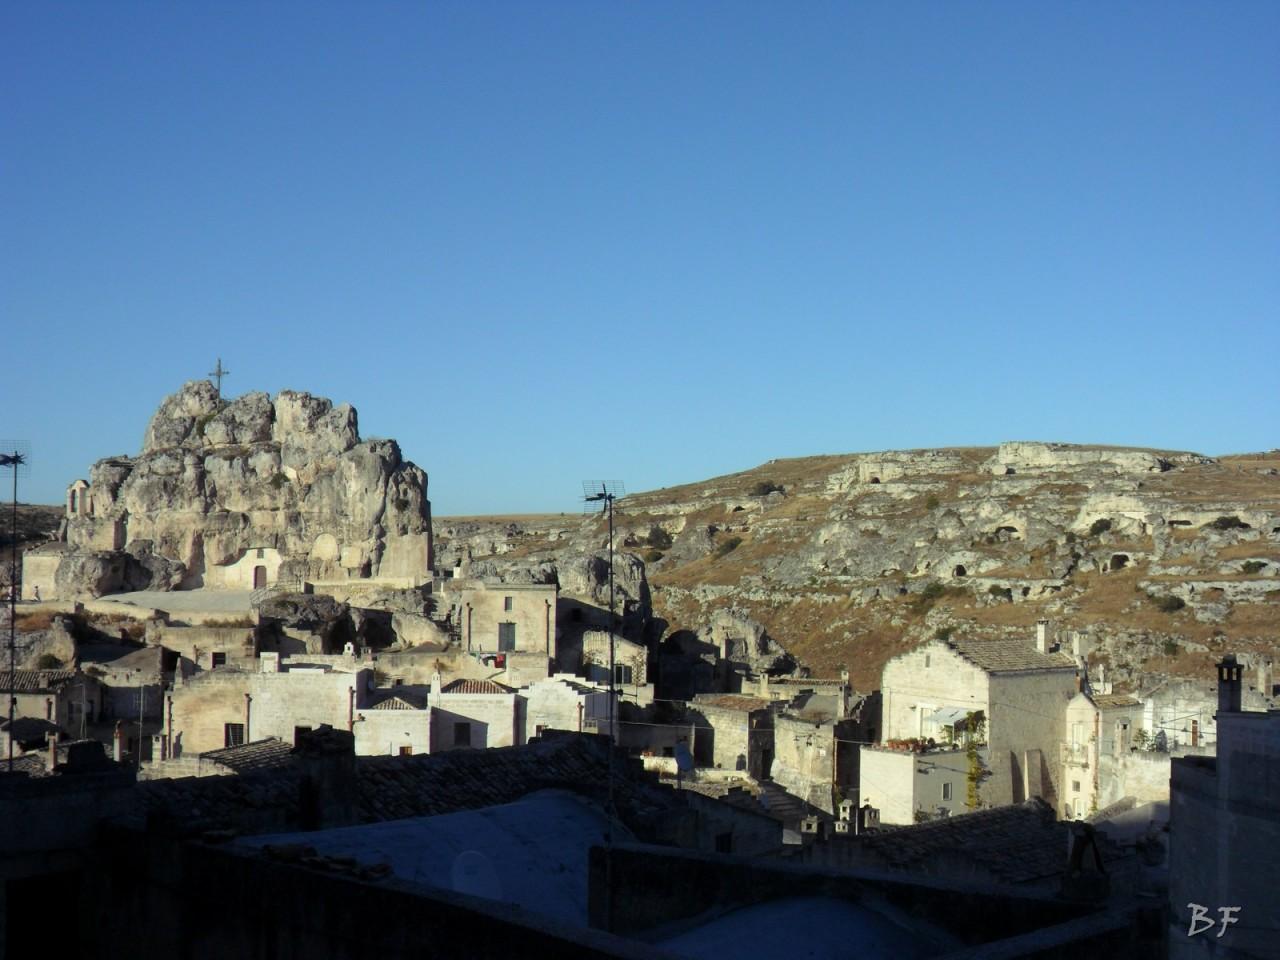 Sasso-Caveoso-Edifici-Rupestri-Megaliti-Sassi-di-Matera-basilicata-Italia-19